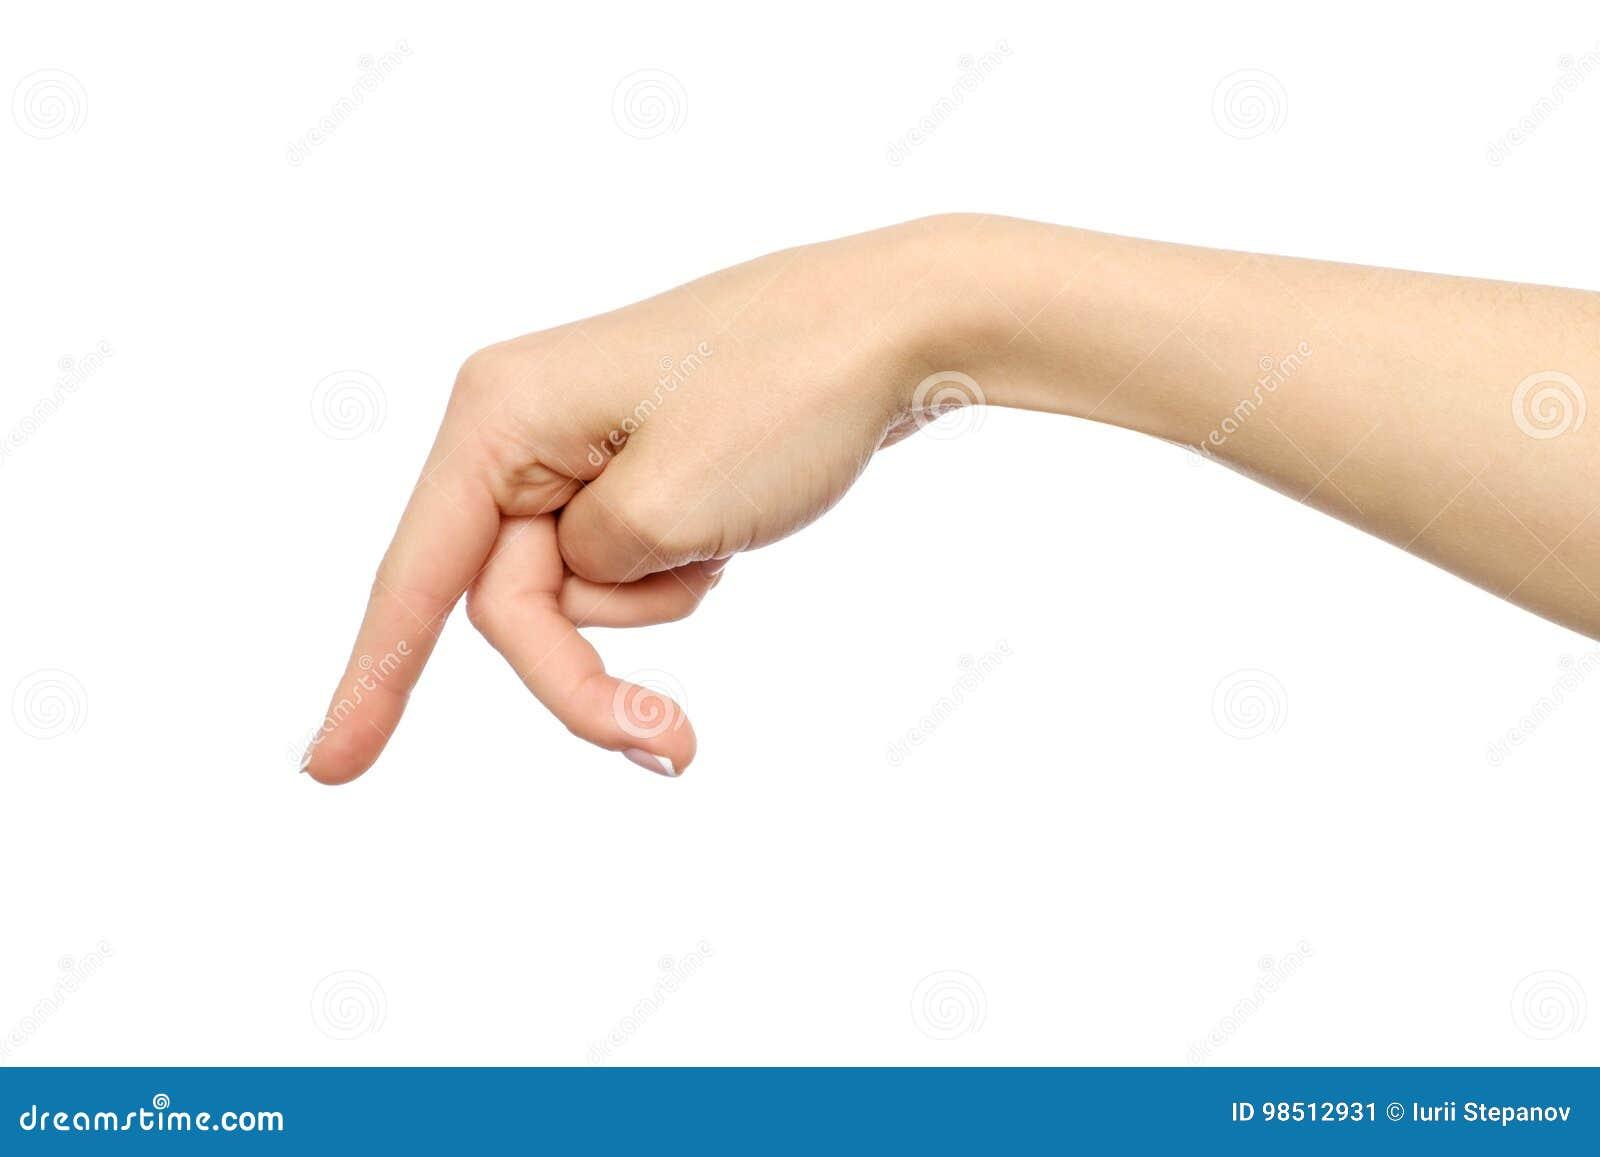 Finger someone to Finger